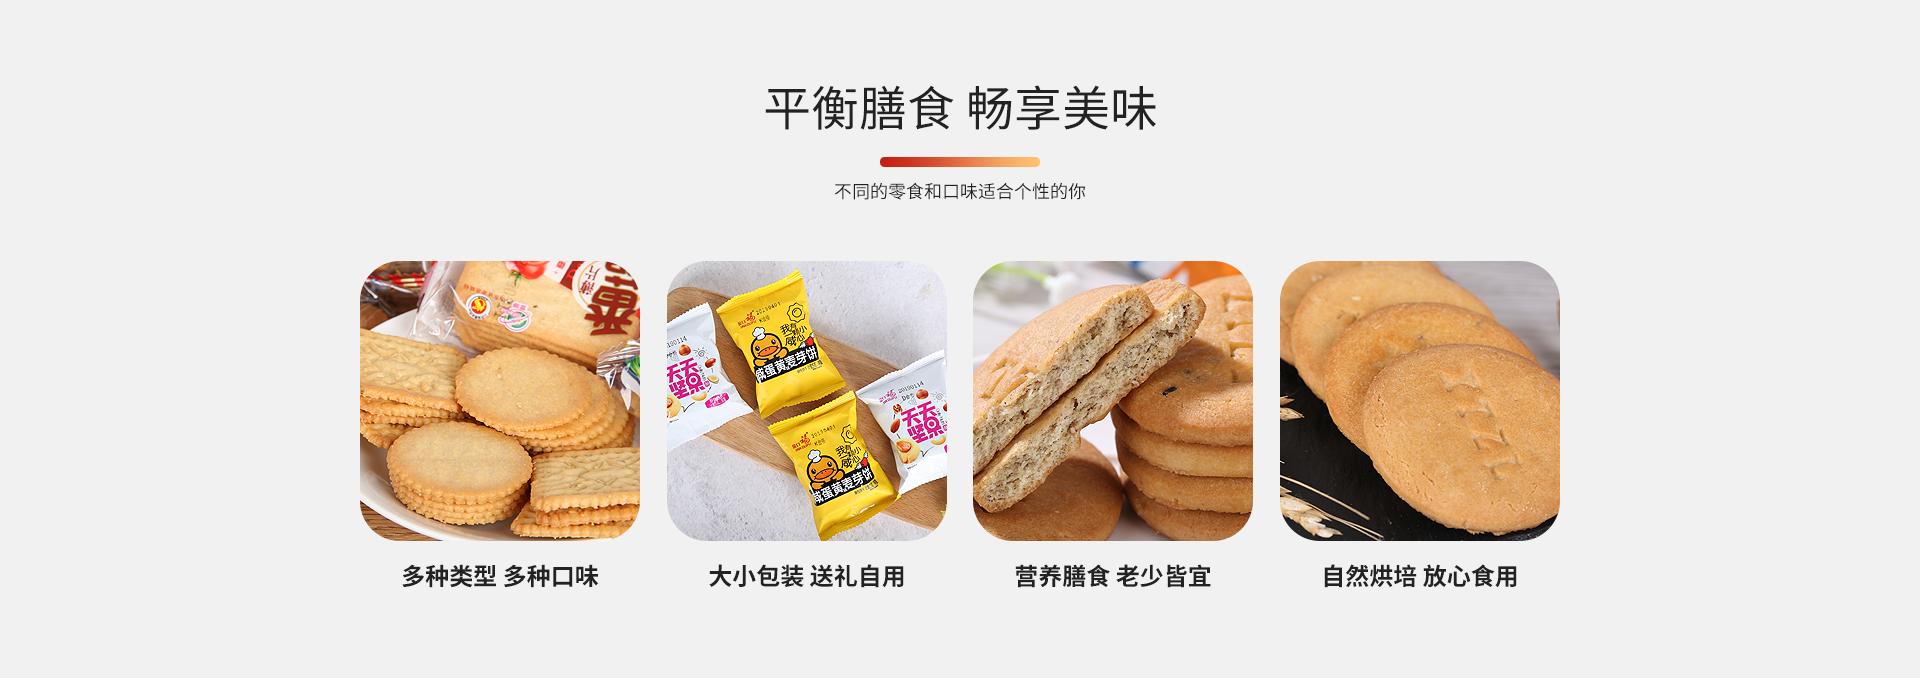 杂粮饼干生产厂家,雪婷桃酥,沙琪玛批发,韧性饼干直销